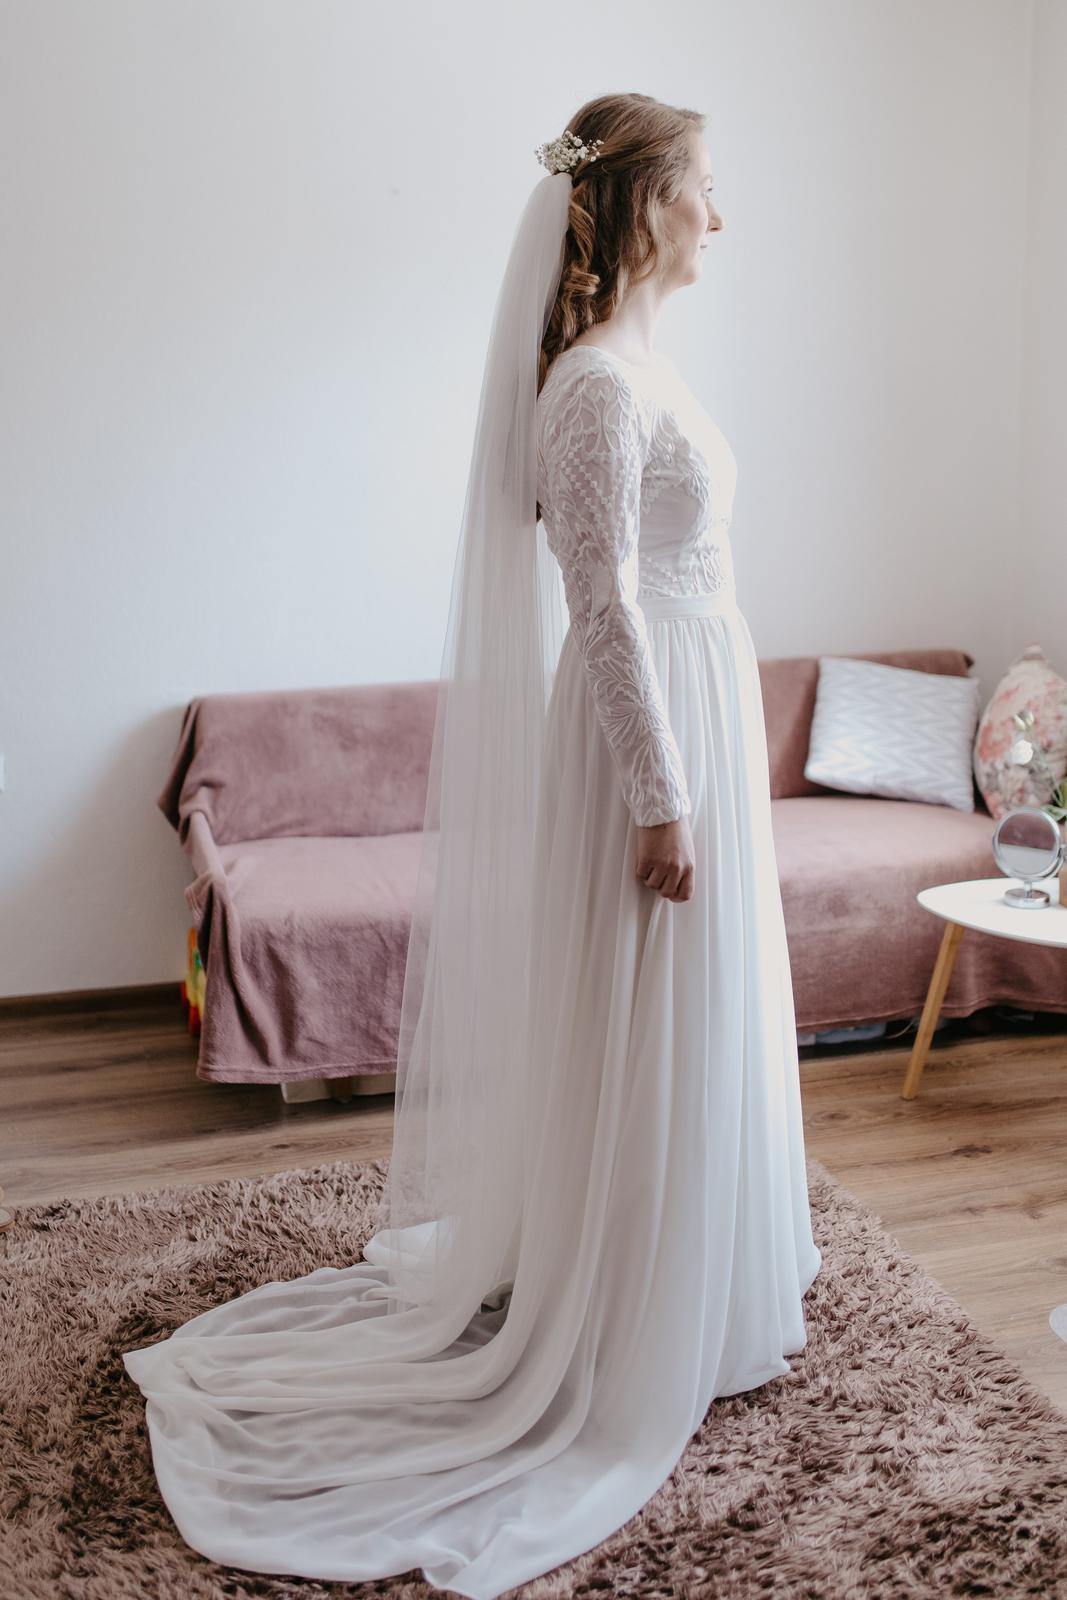 Padavé svadobné šaty s vlečkou - Obrázok č. 4